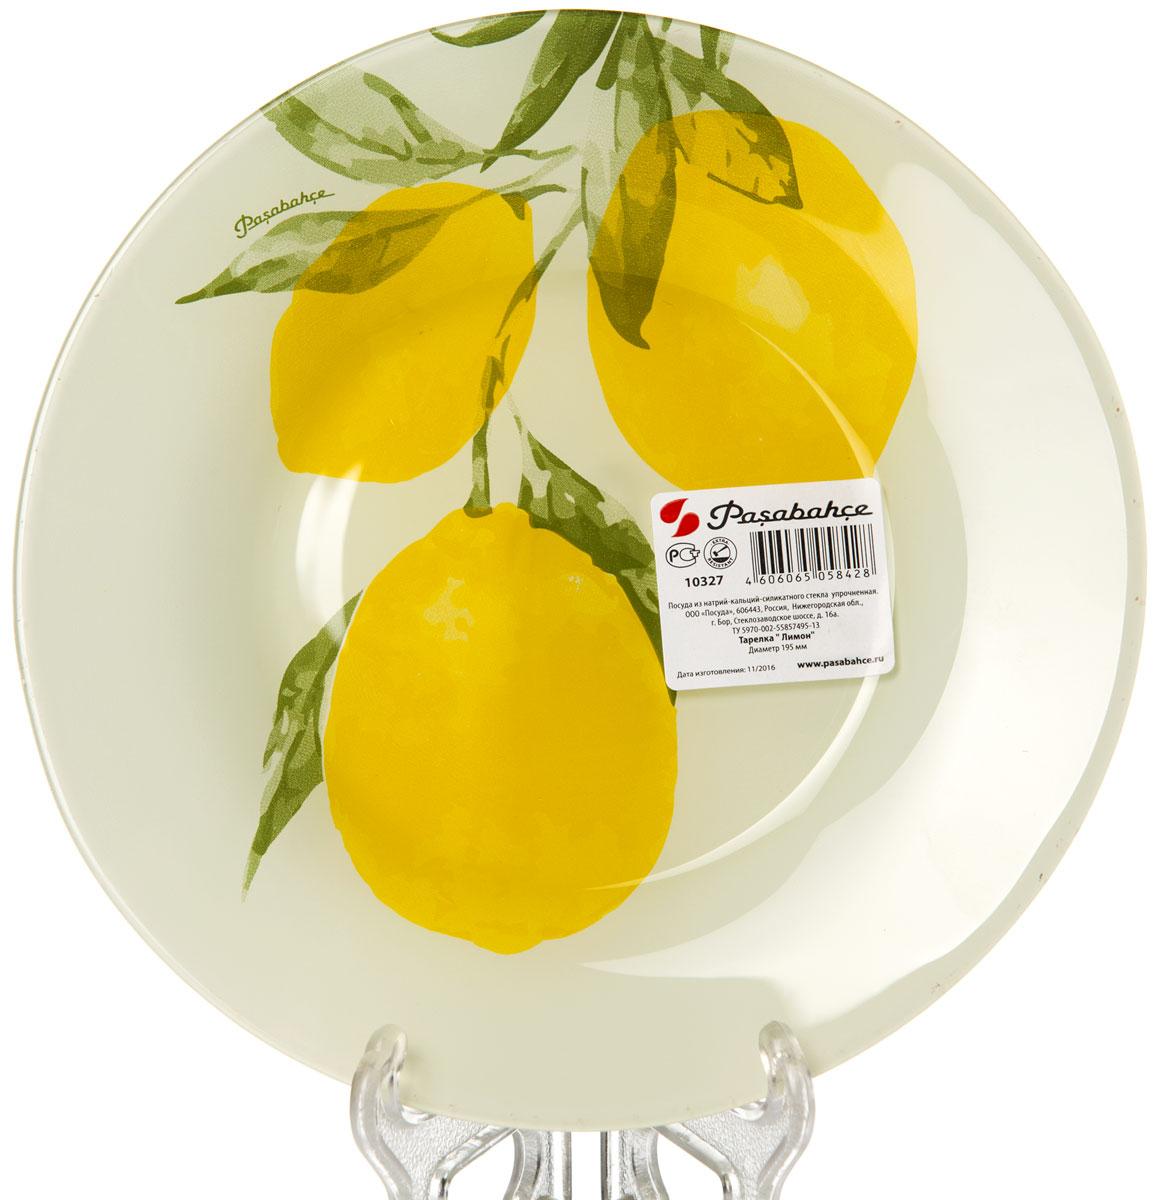 Тарелка десертная Pasabahce Лимон, диаметр 19,5 см122416Тарелка десертная Pasabahce Лимон выполнена из качественногостекла и украшена рисунком. Тарелка прекрасно подойдет в качестве сервировочного блюда для фруктов, десертов, закусок, торта и другого.Изящная тарелка прекрасно оформит праздничный стол и порадует вас и ваших гостей изысканным дизайном и формой. Диаметр тарелки: 19,5 см.